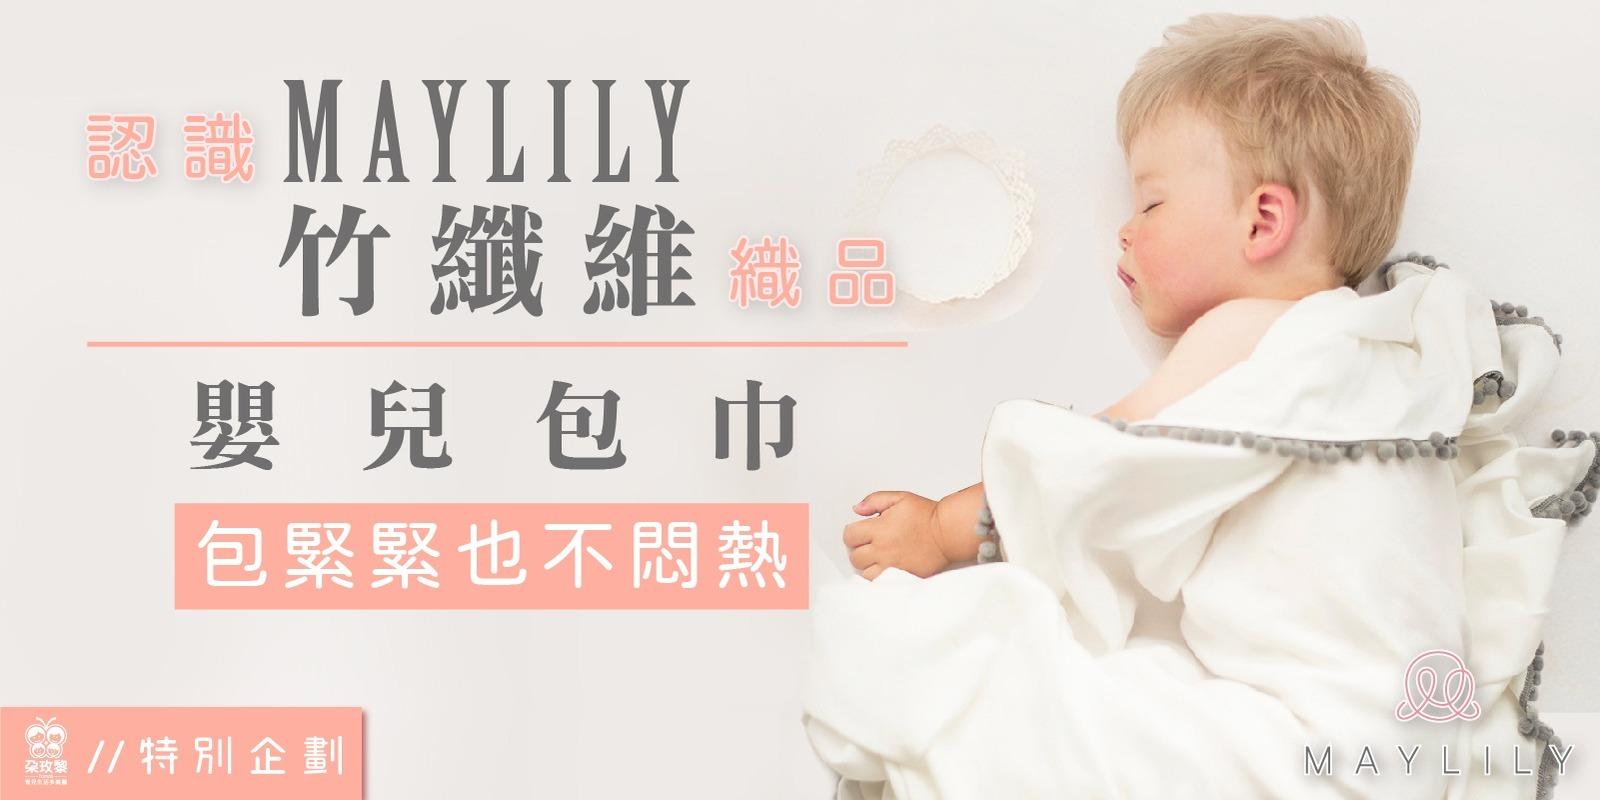 朶特企 認識Maylily竹纖維織品,嬰兒包巾包緊緊也不悶熱